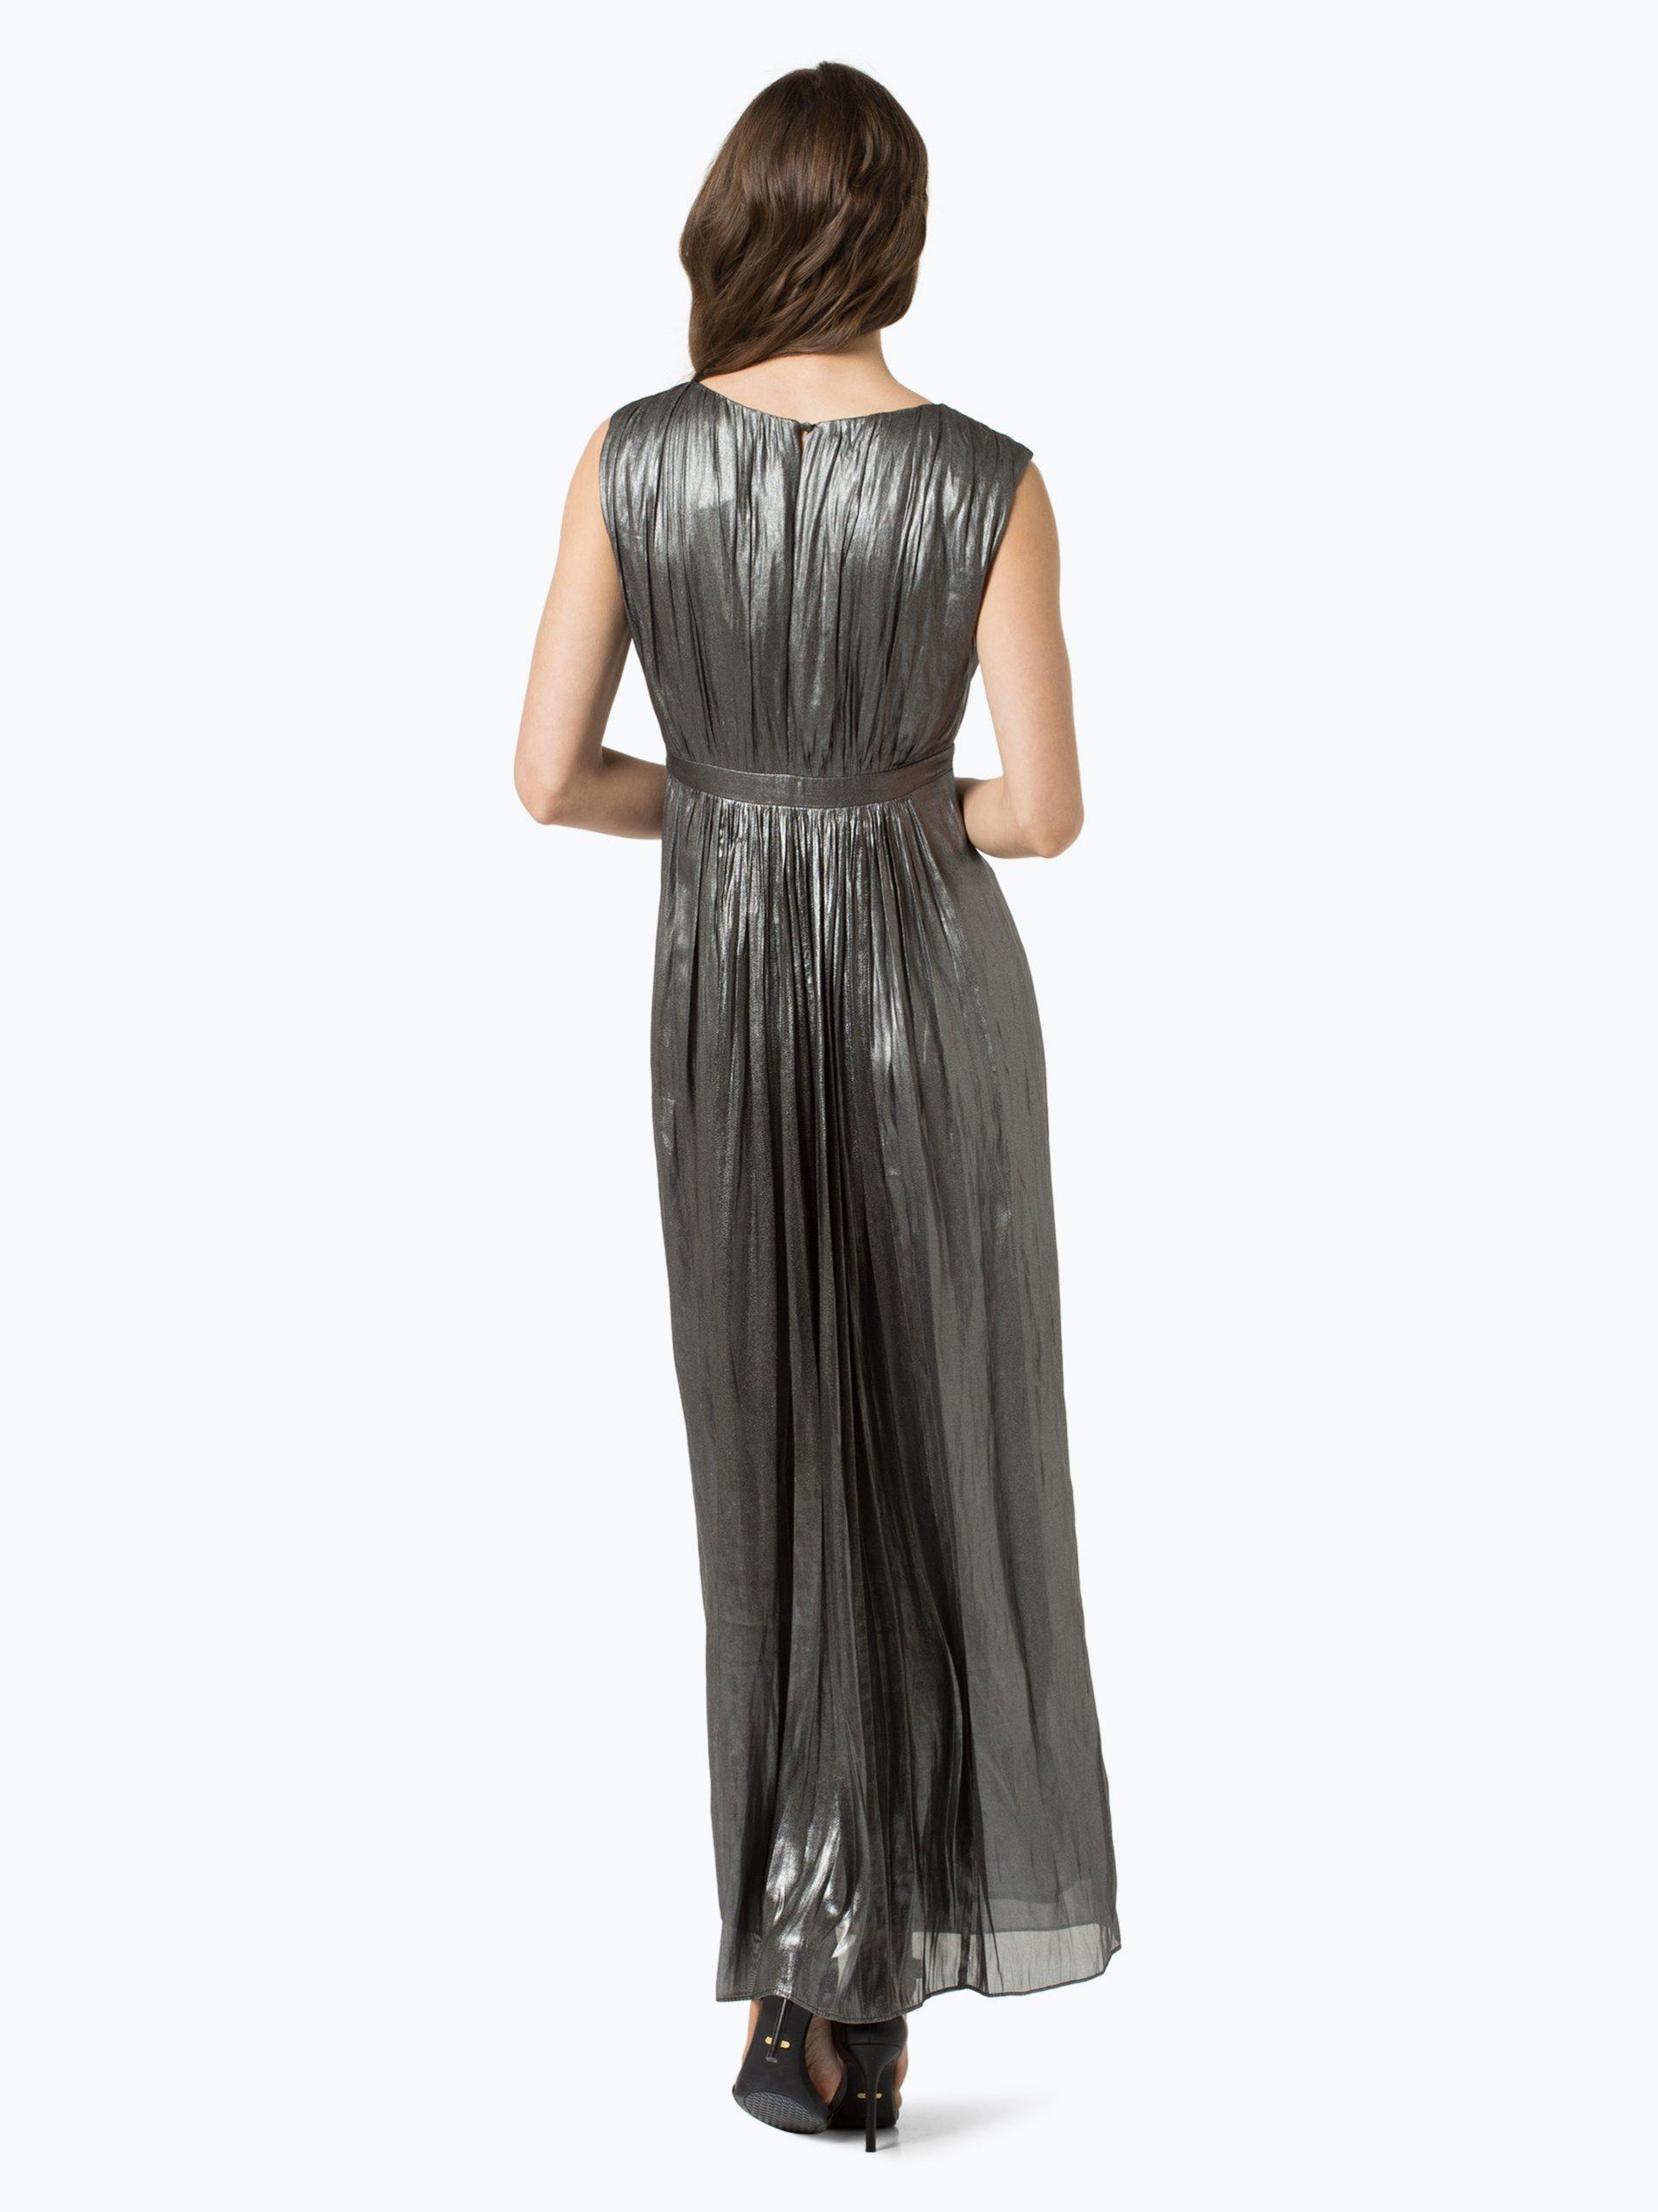 17 Luxurius Abendkleider Esprit SpezialgebietAbend Schön Abendkleider Esprit Design